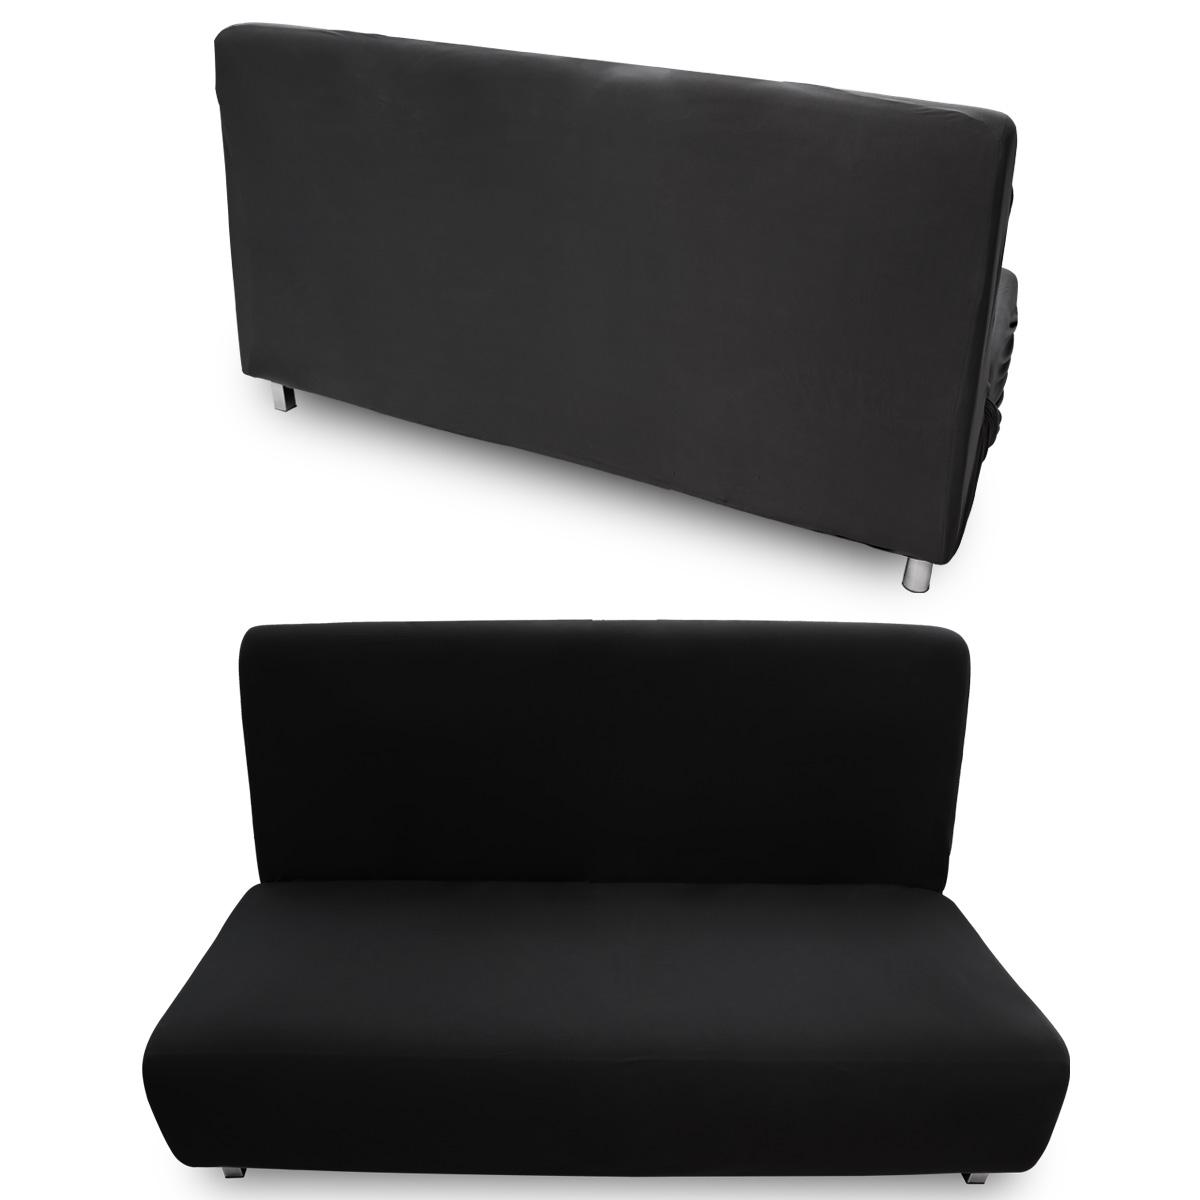 Housse de canap velout lastique extensible sofa cover - Housse canape noir ...